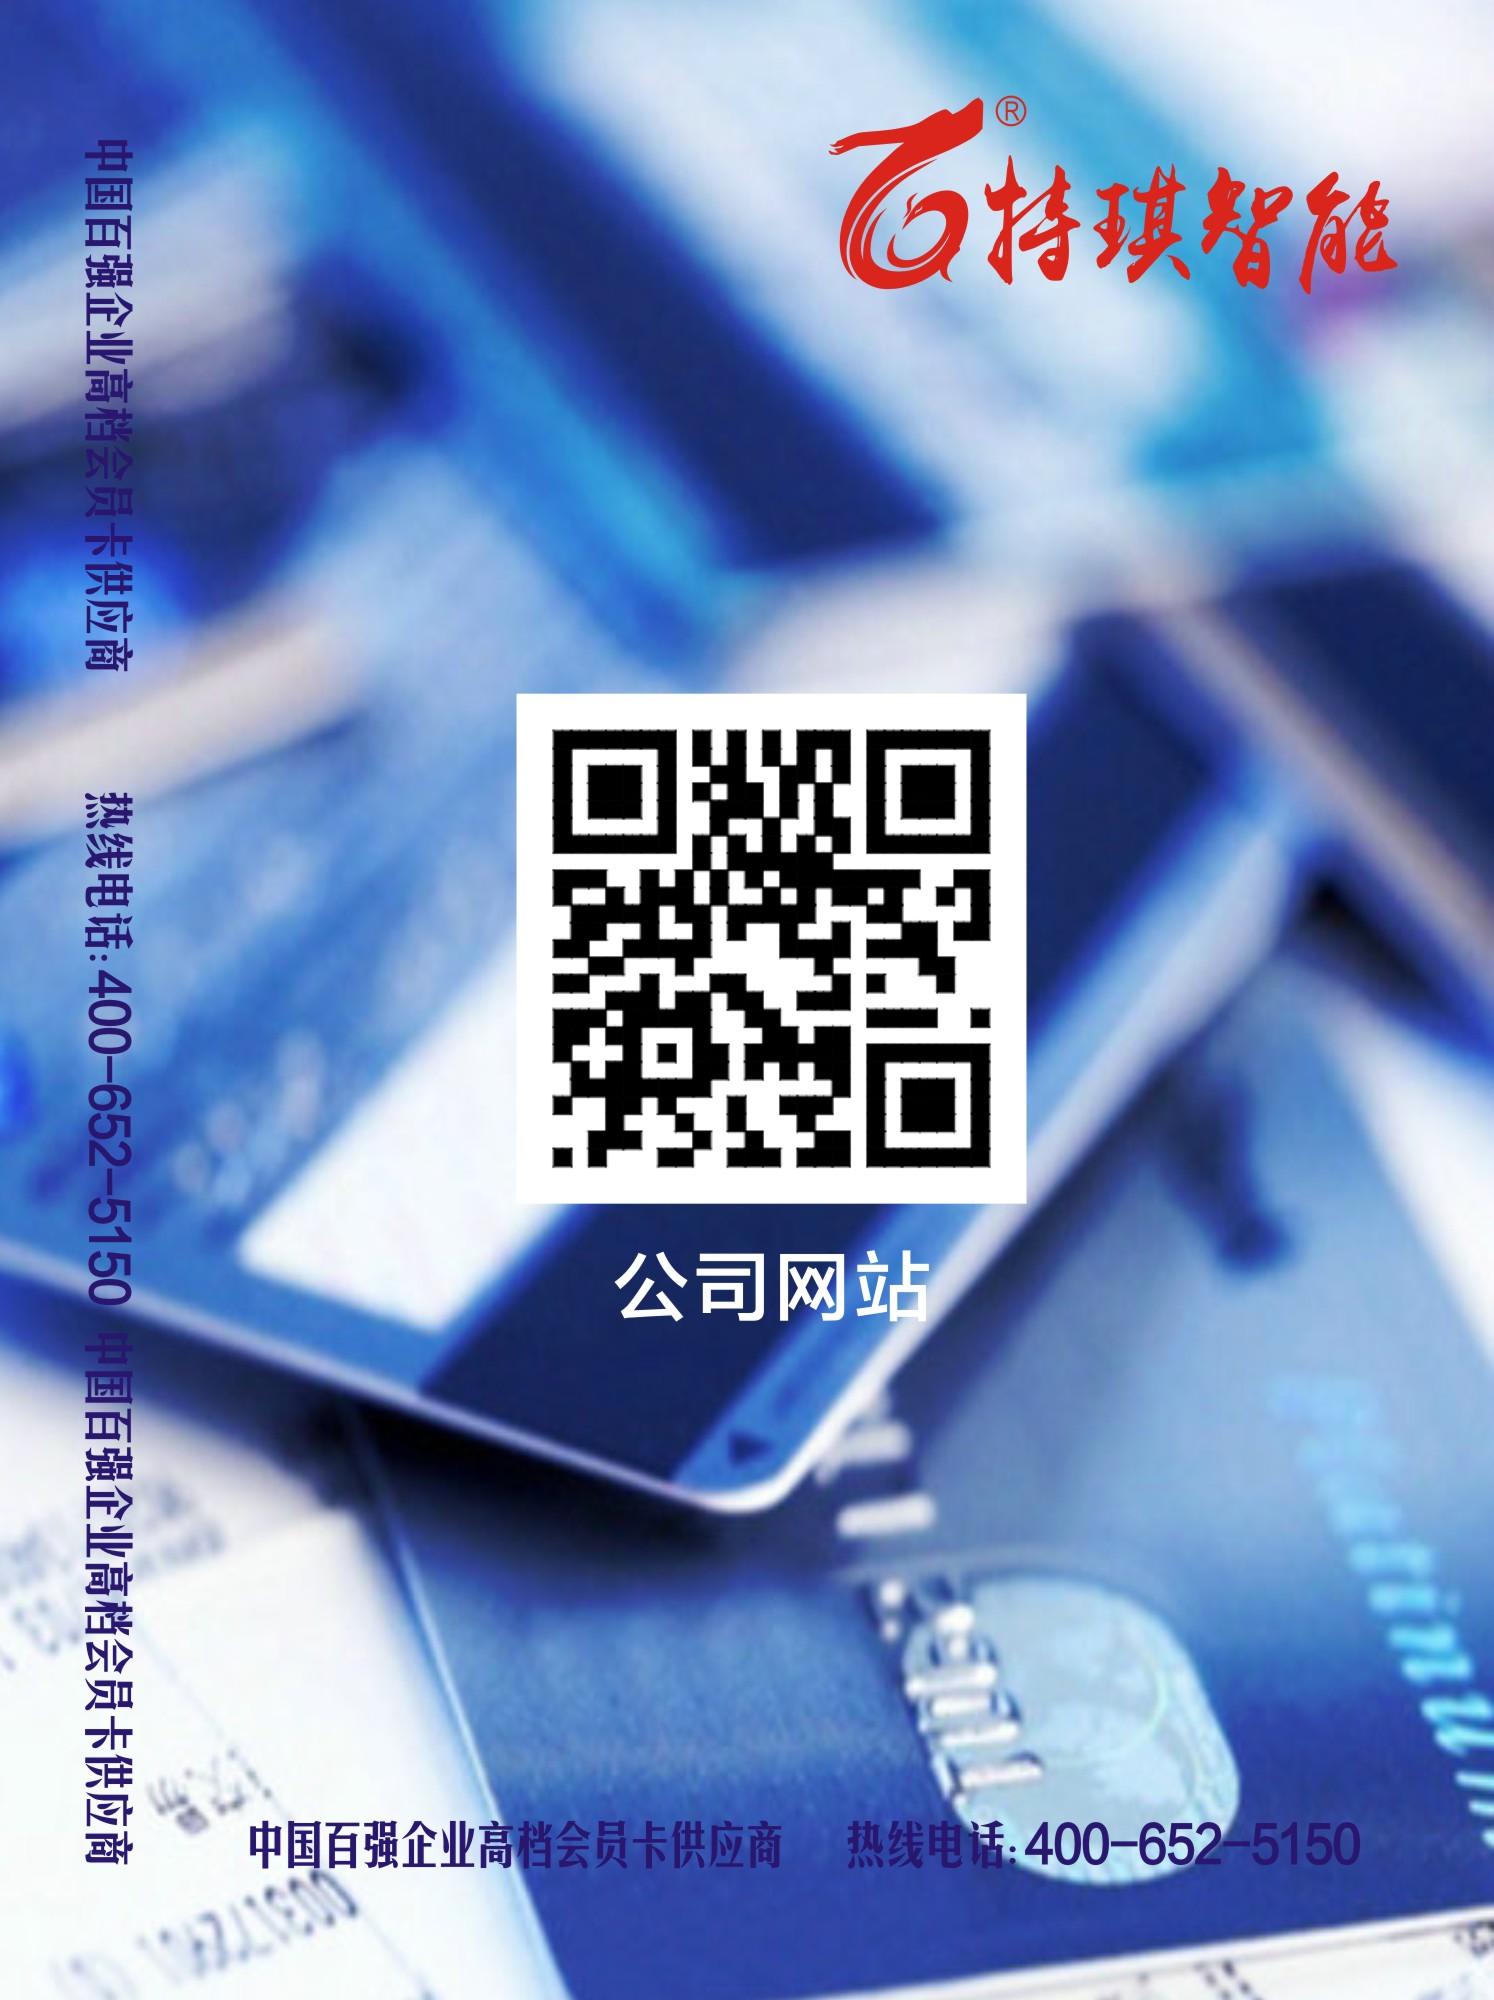 VIP拉丝卡印刷厂家面向全国接单